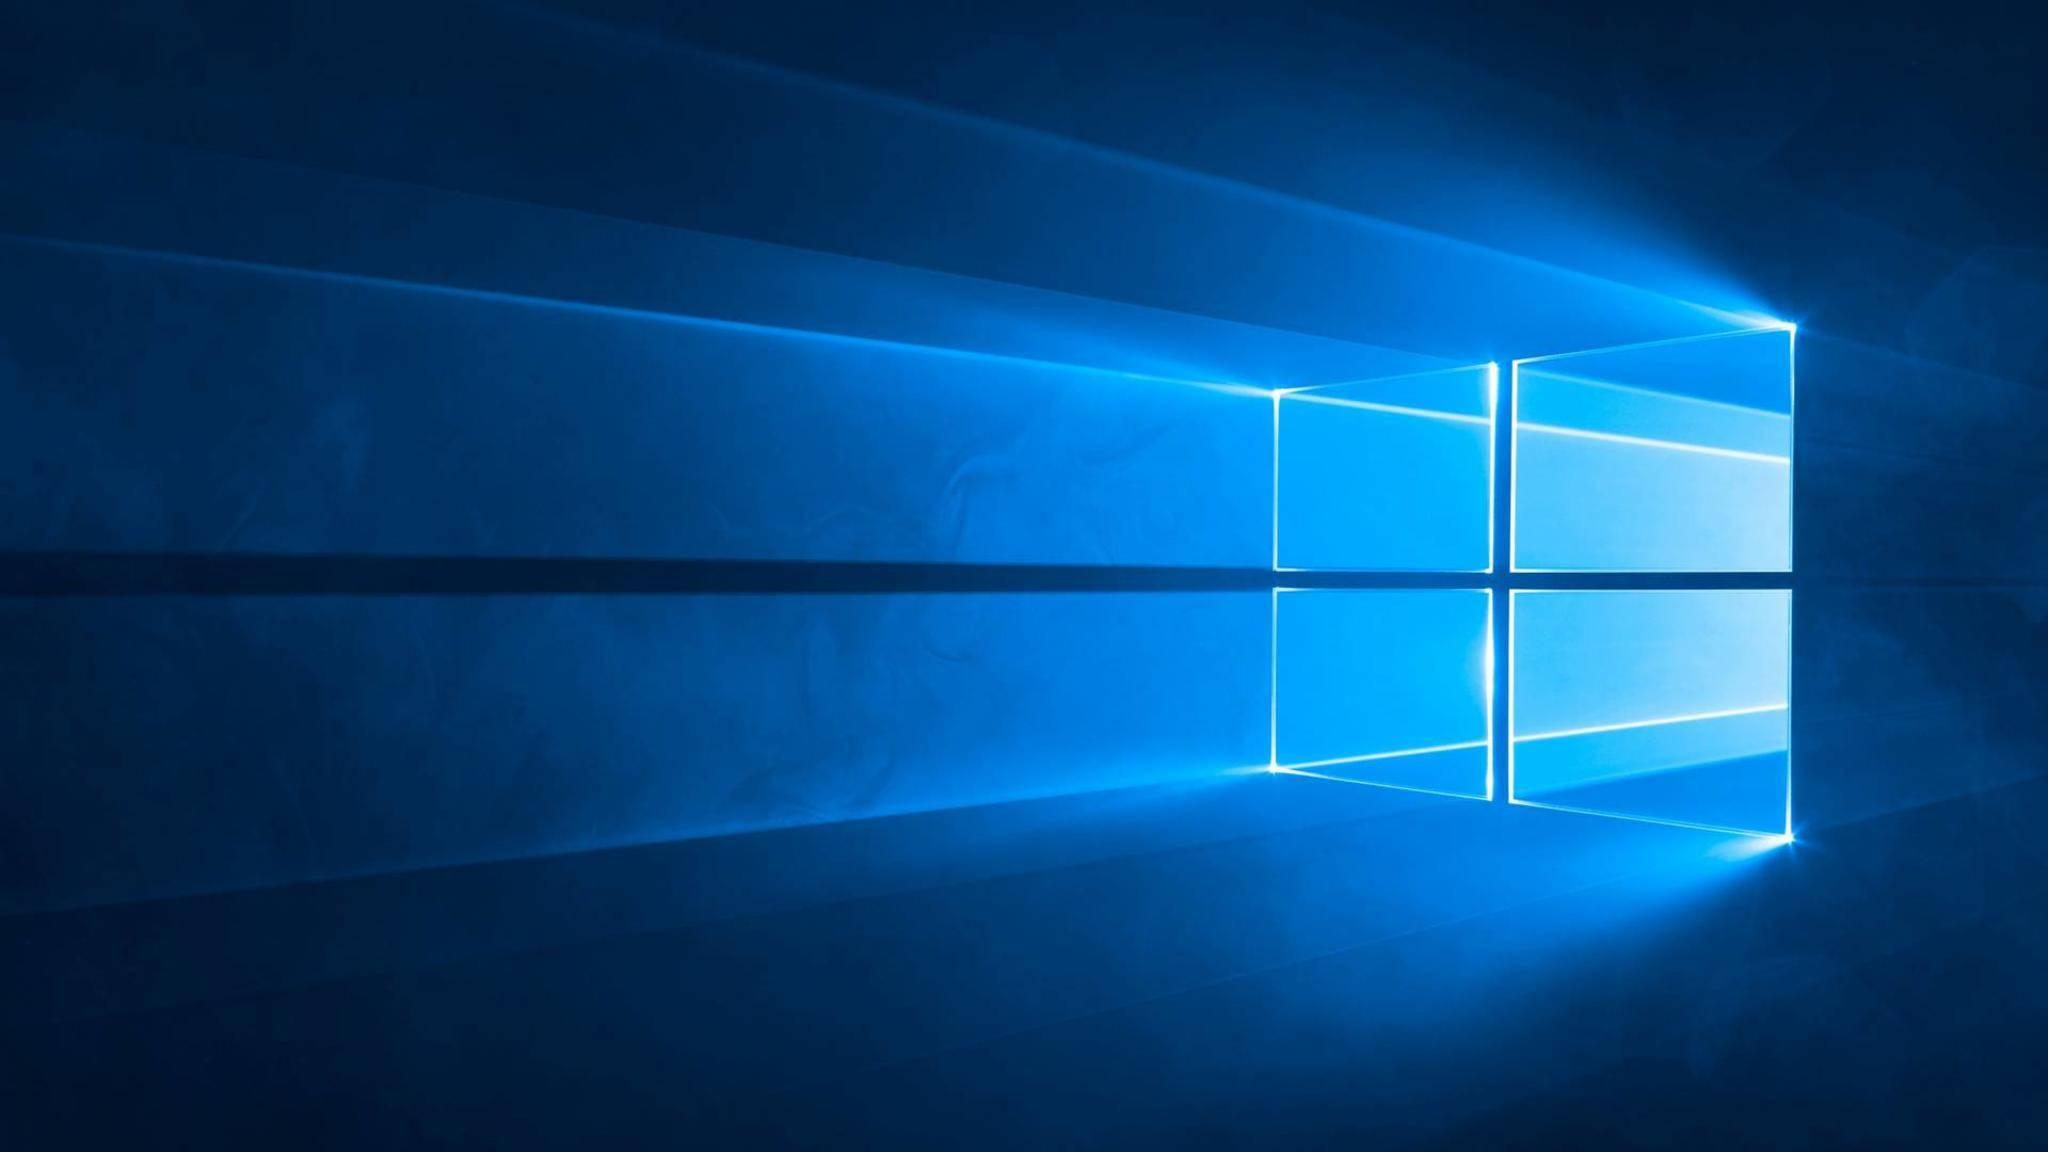 Der Taschenrechner in Windows 10 funktioniert jetzt endlich korrekt.